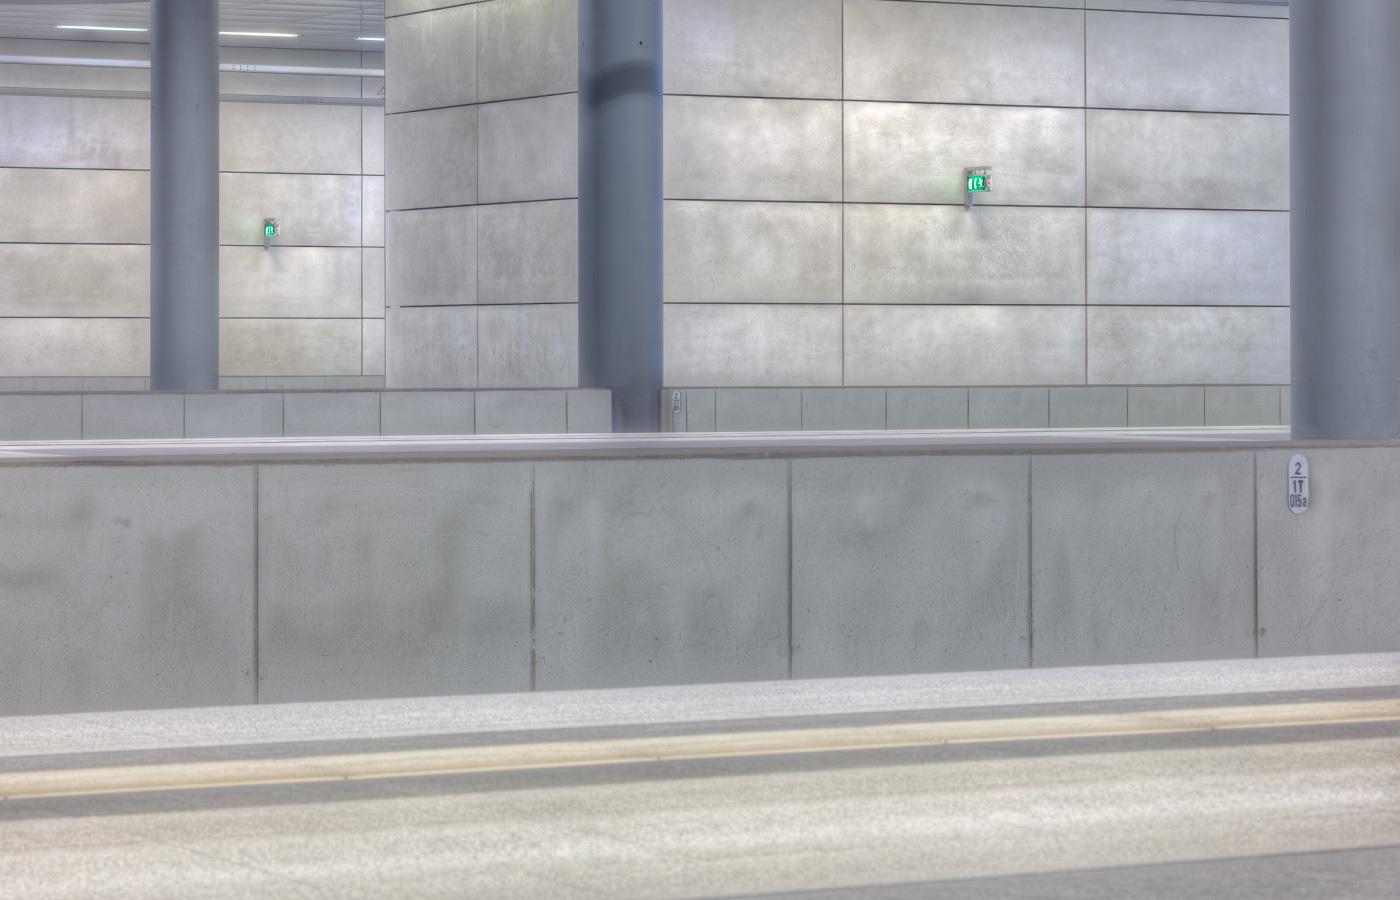 Hellgraue Wände mit Stützen in einem Bahnhof